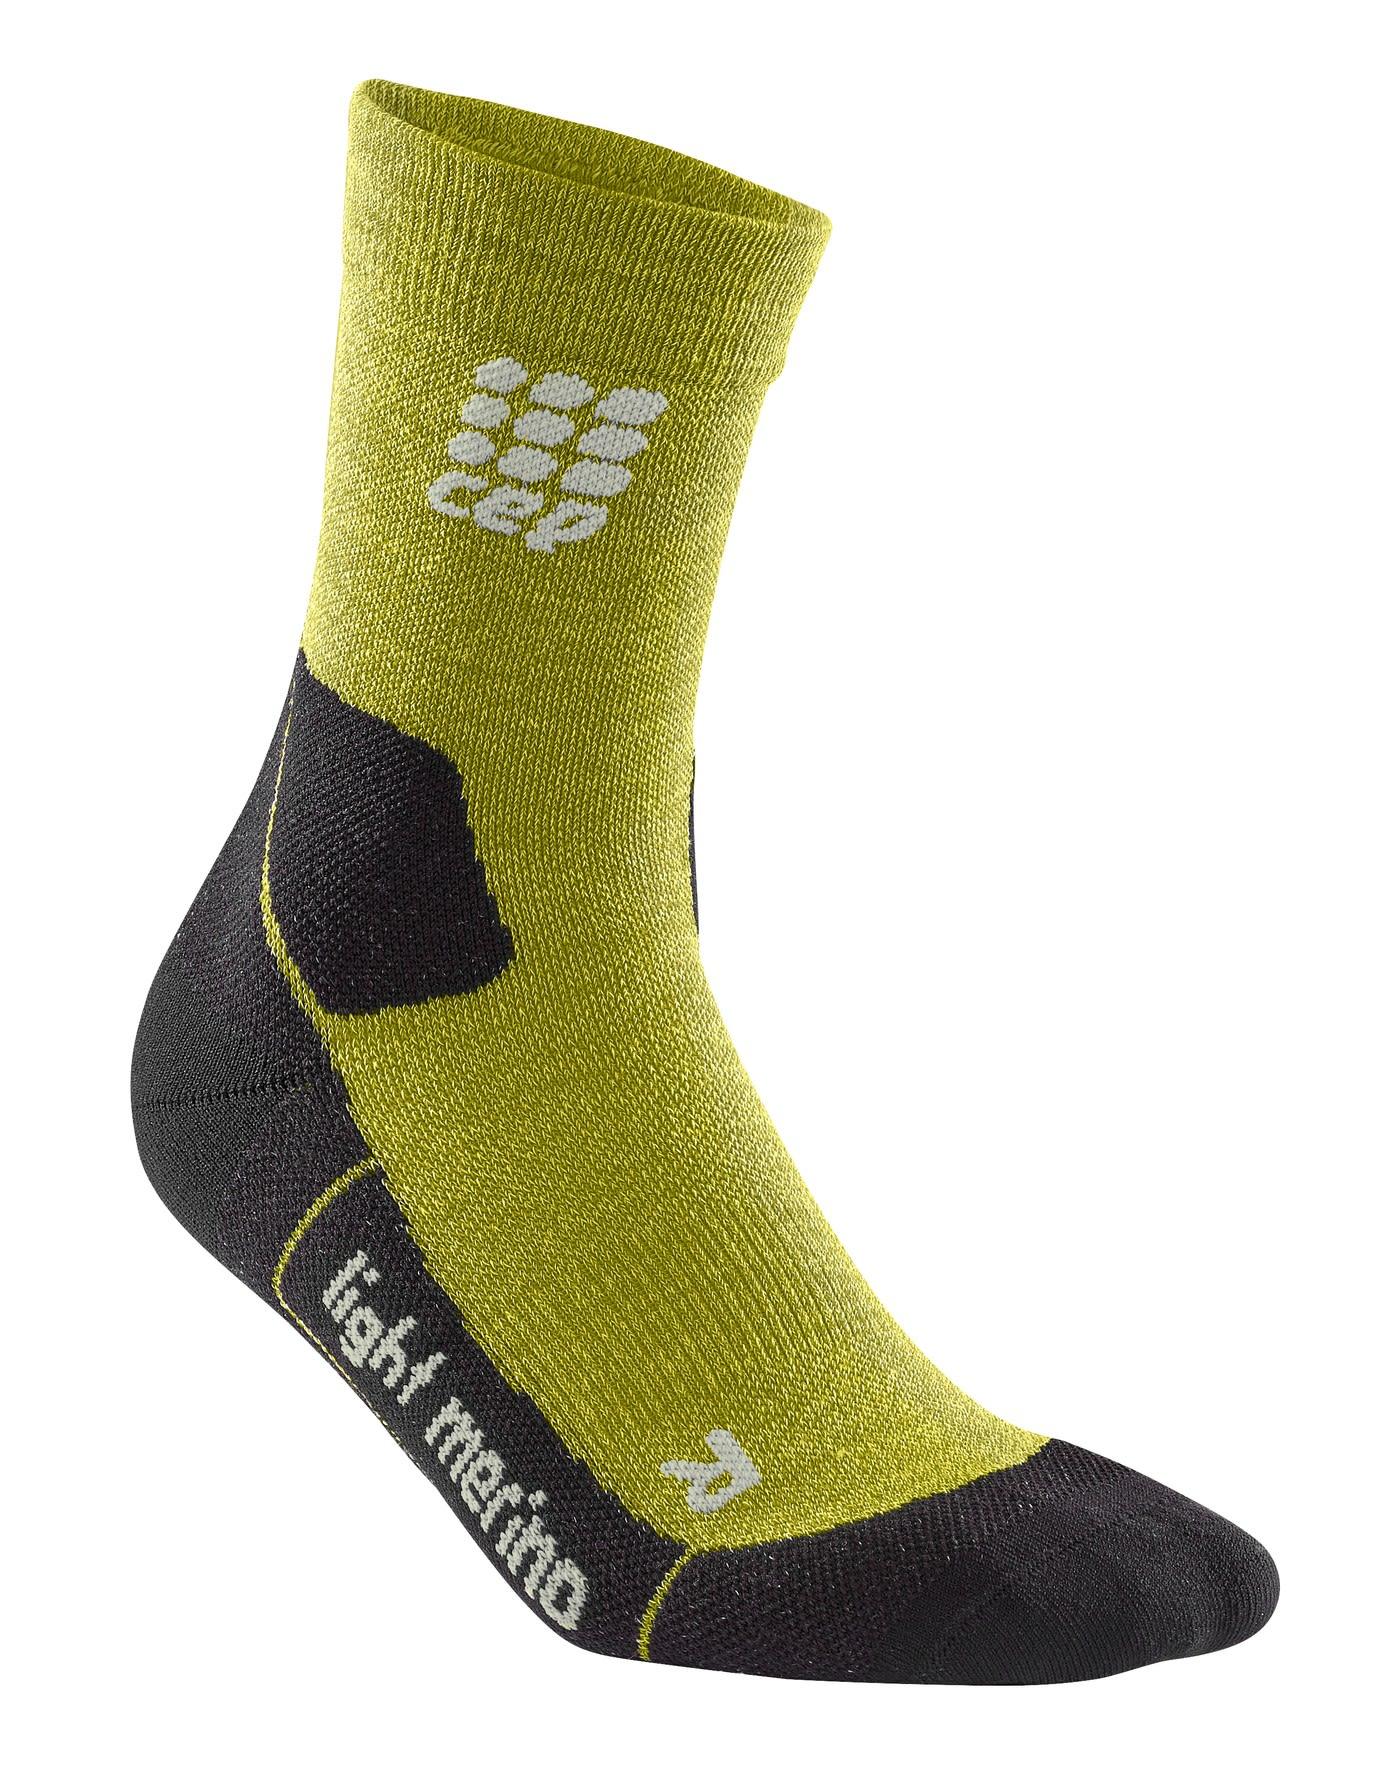 CEP Outdoor Light Merino Mid CUT Socks Grün, Male Merino Laufsocken, V